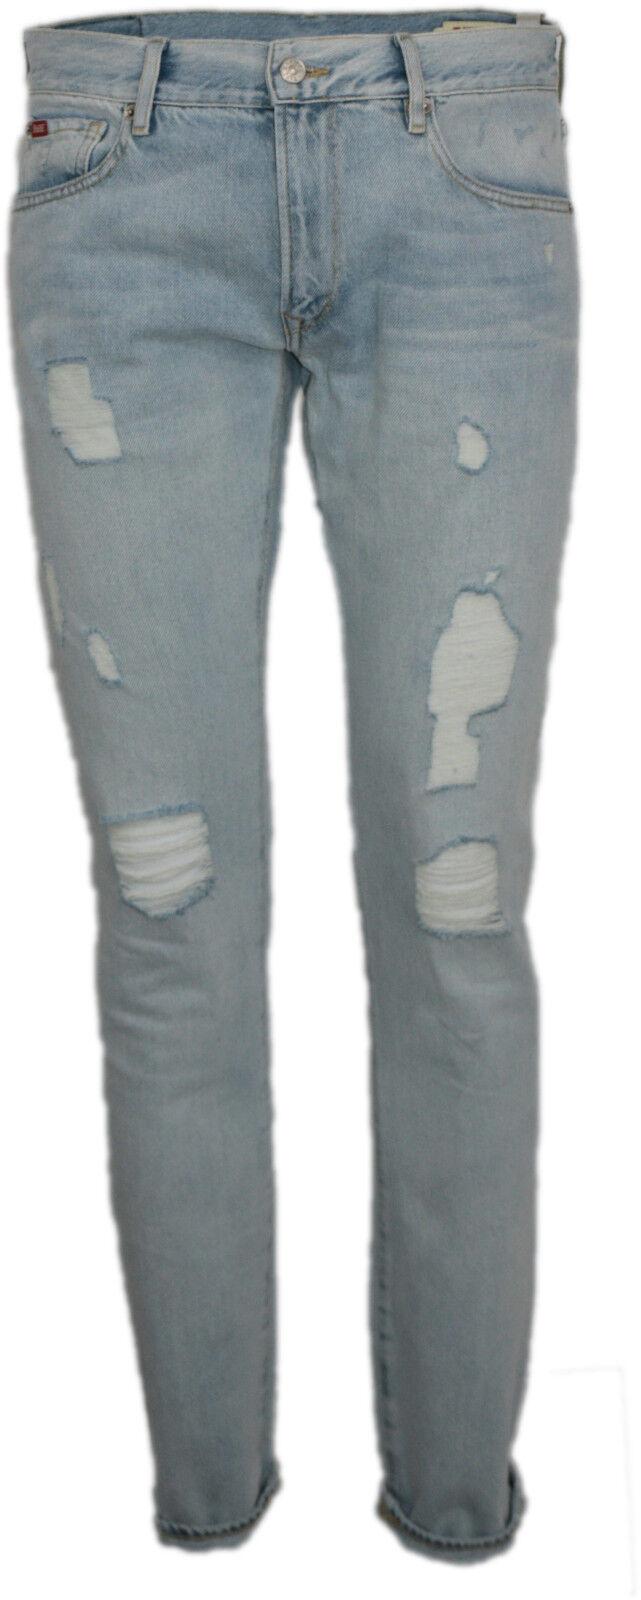 JEANS men RIFLE SLIM FIT 95807 GAMBA DRITTA denim cotone elasticizzato pantalon